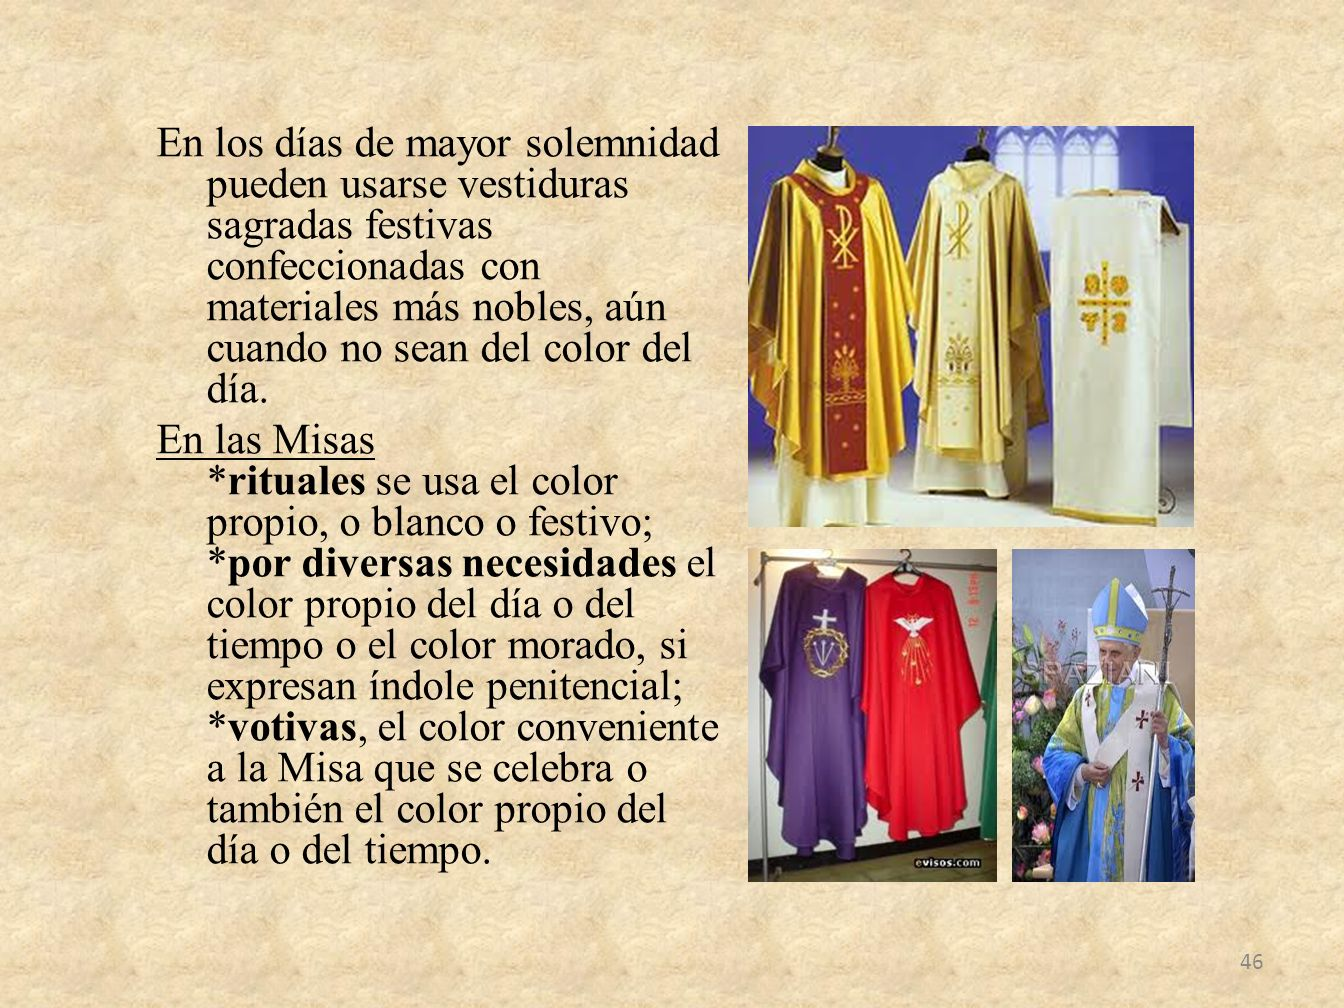 En los días de mayor solemnidad pueden usarse vestiduras sagradas festivas confeccionadas con materiales más nobles, aún cuando no sean del color del